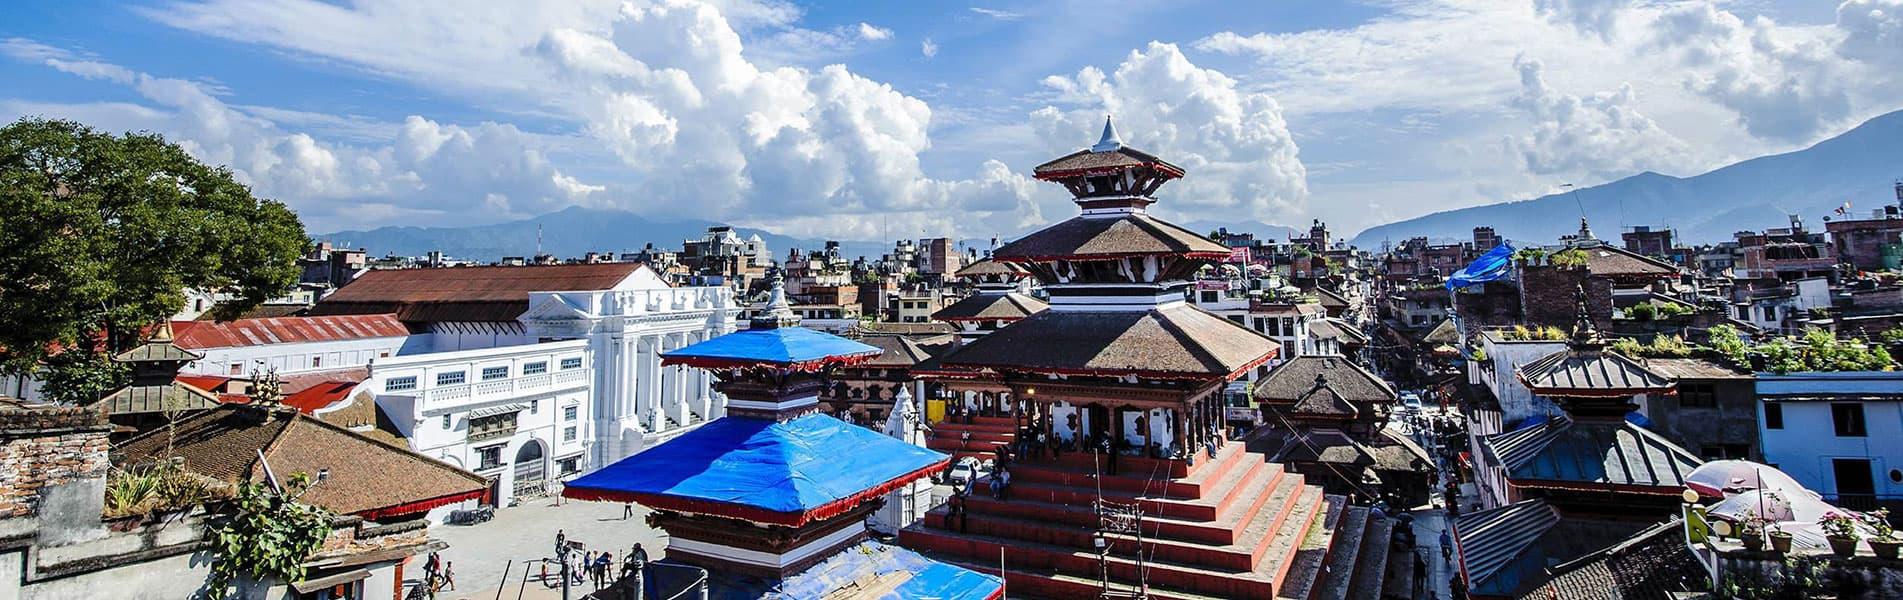 Stupa of Nepal